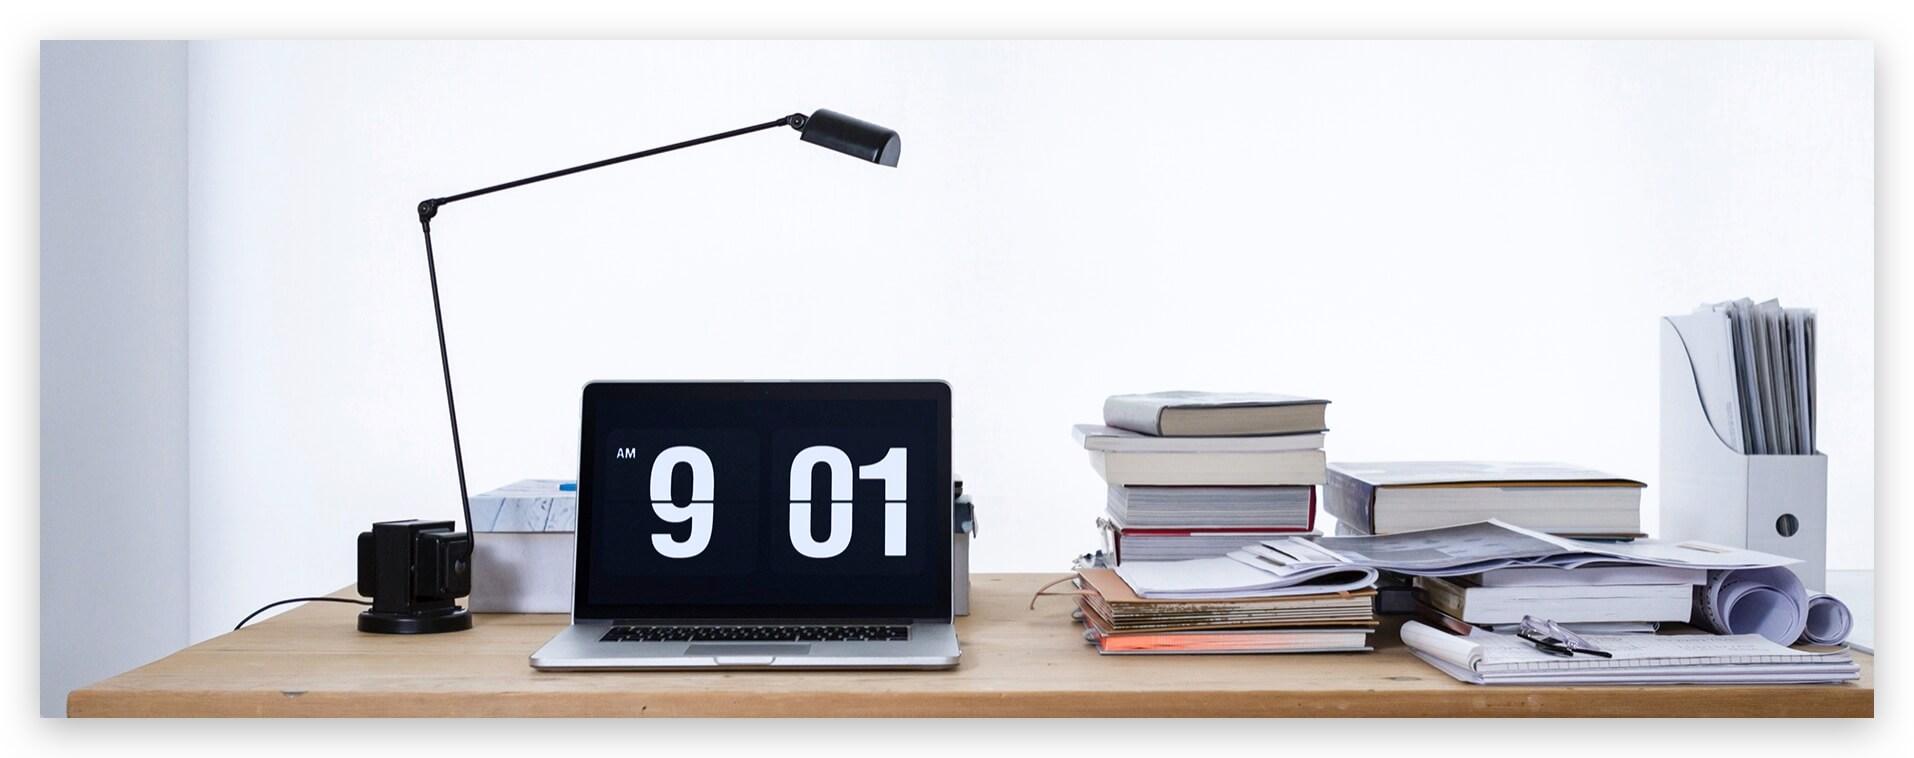 分享个人见人爱的数字时钟屏保 Fliqlo 1.8 支持Catalina